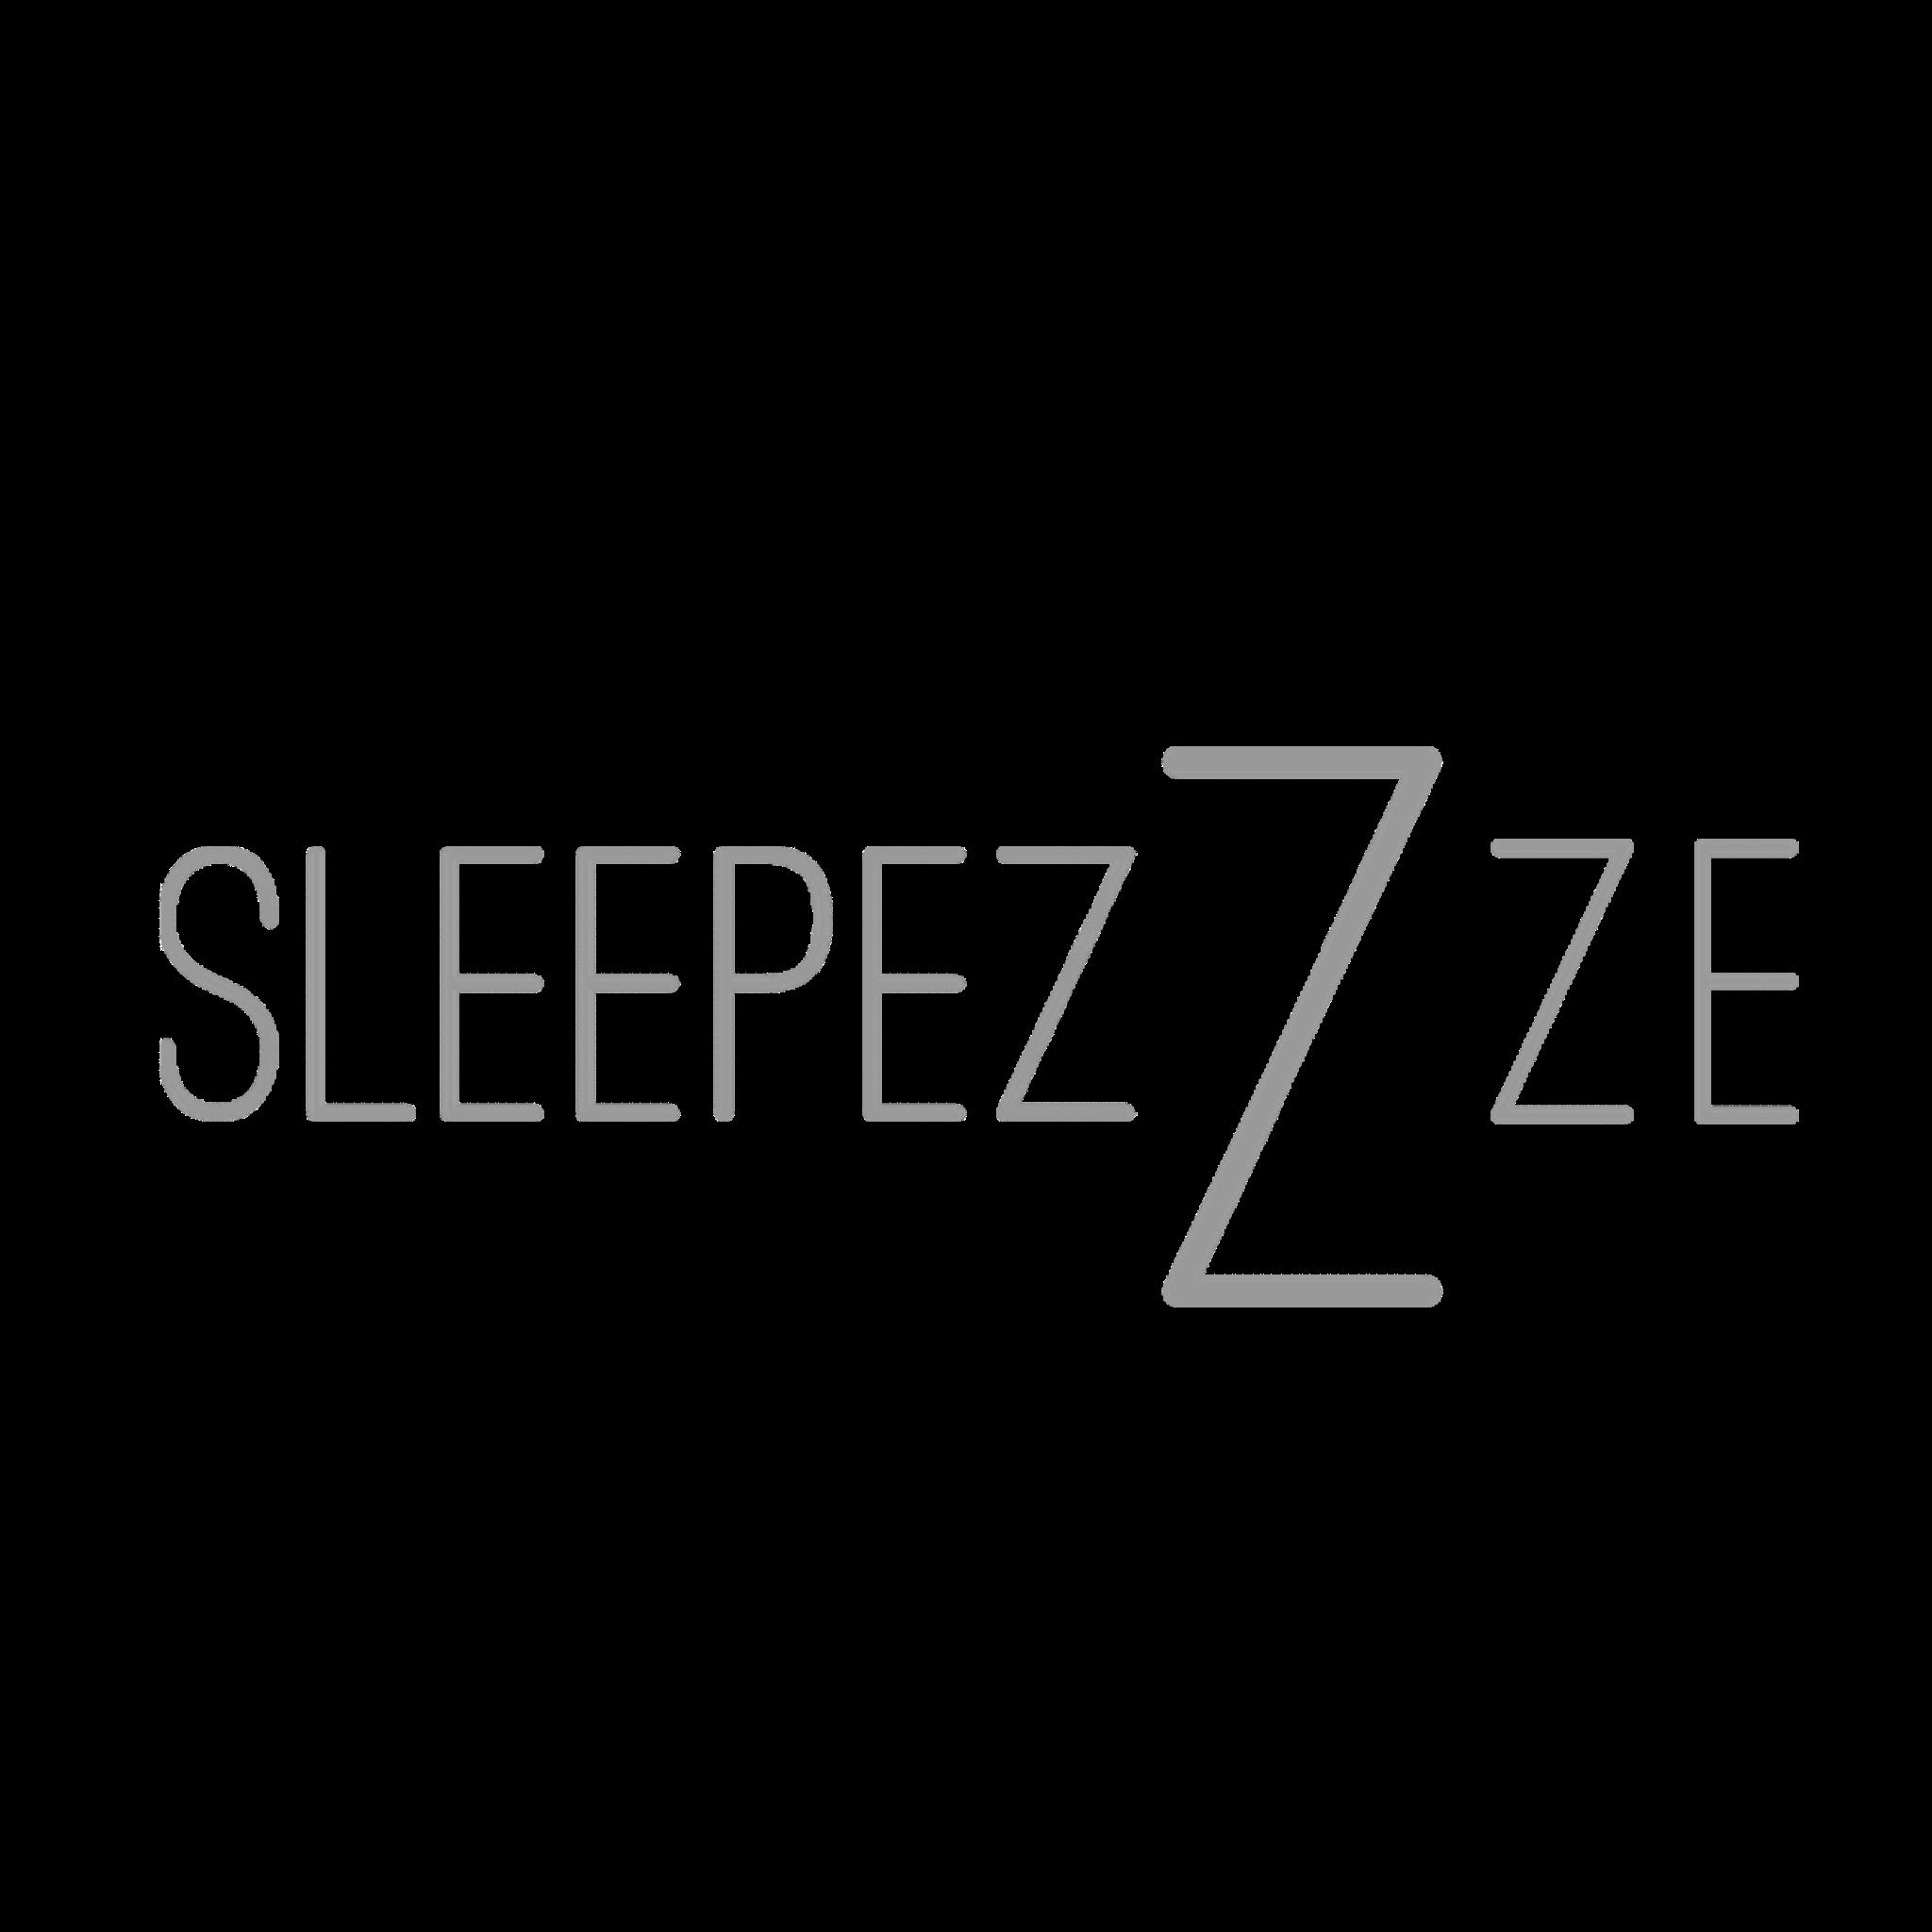 sleepezzze.wix